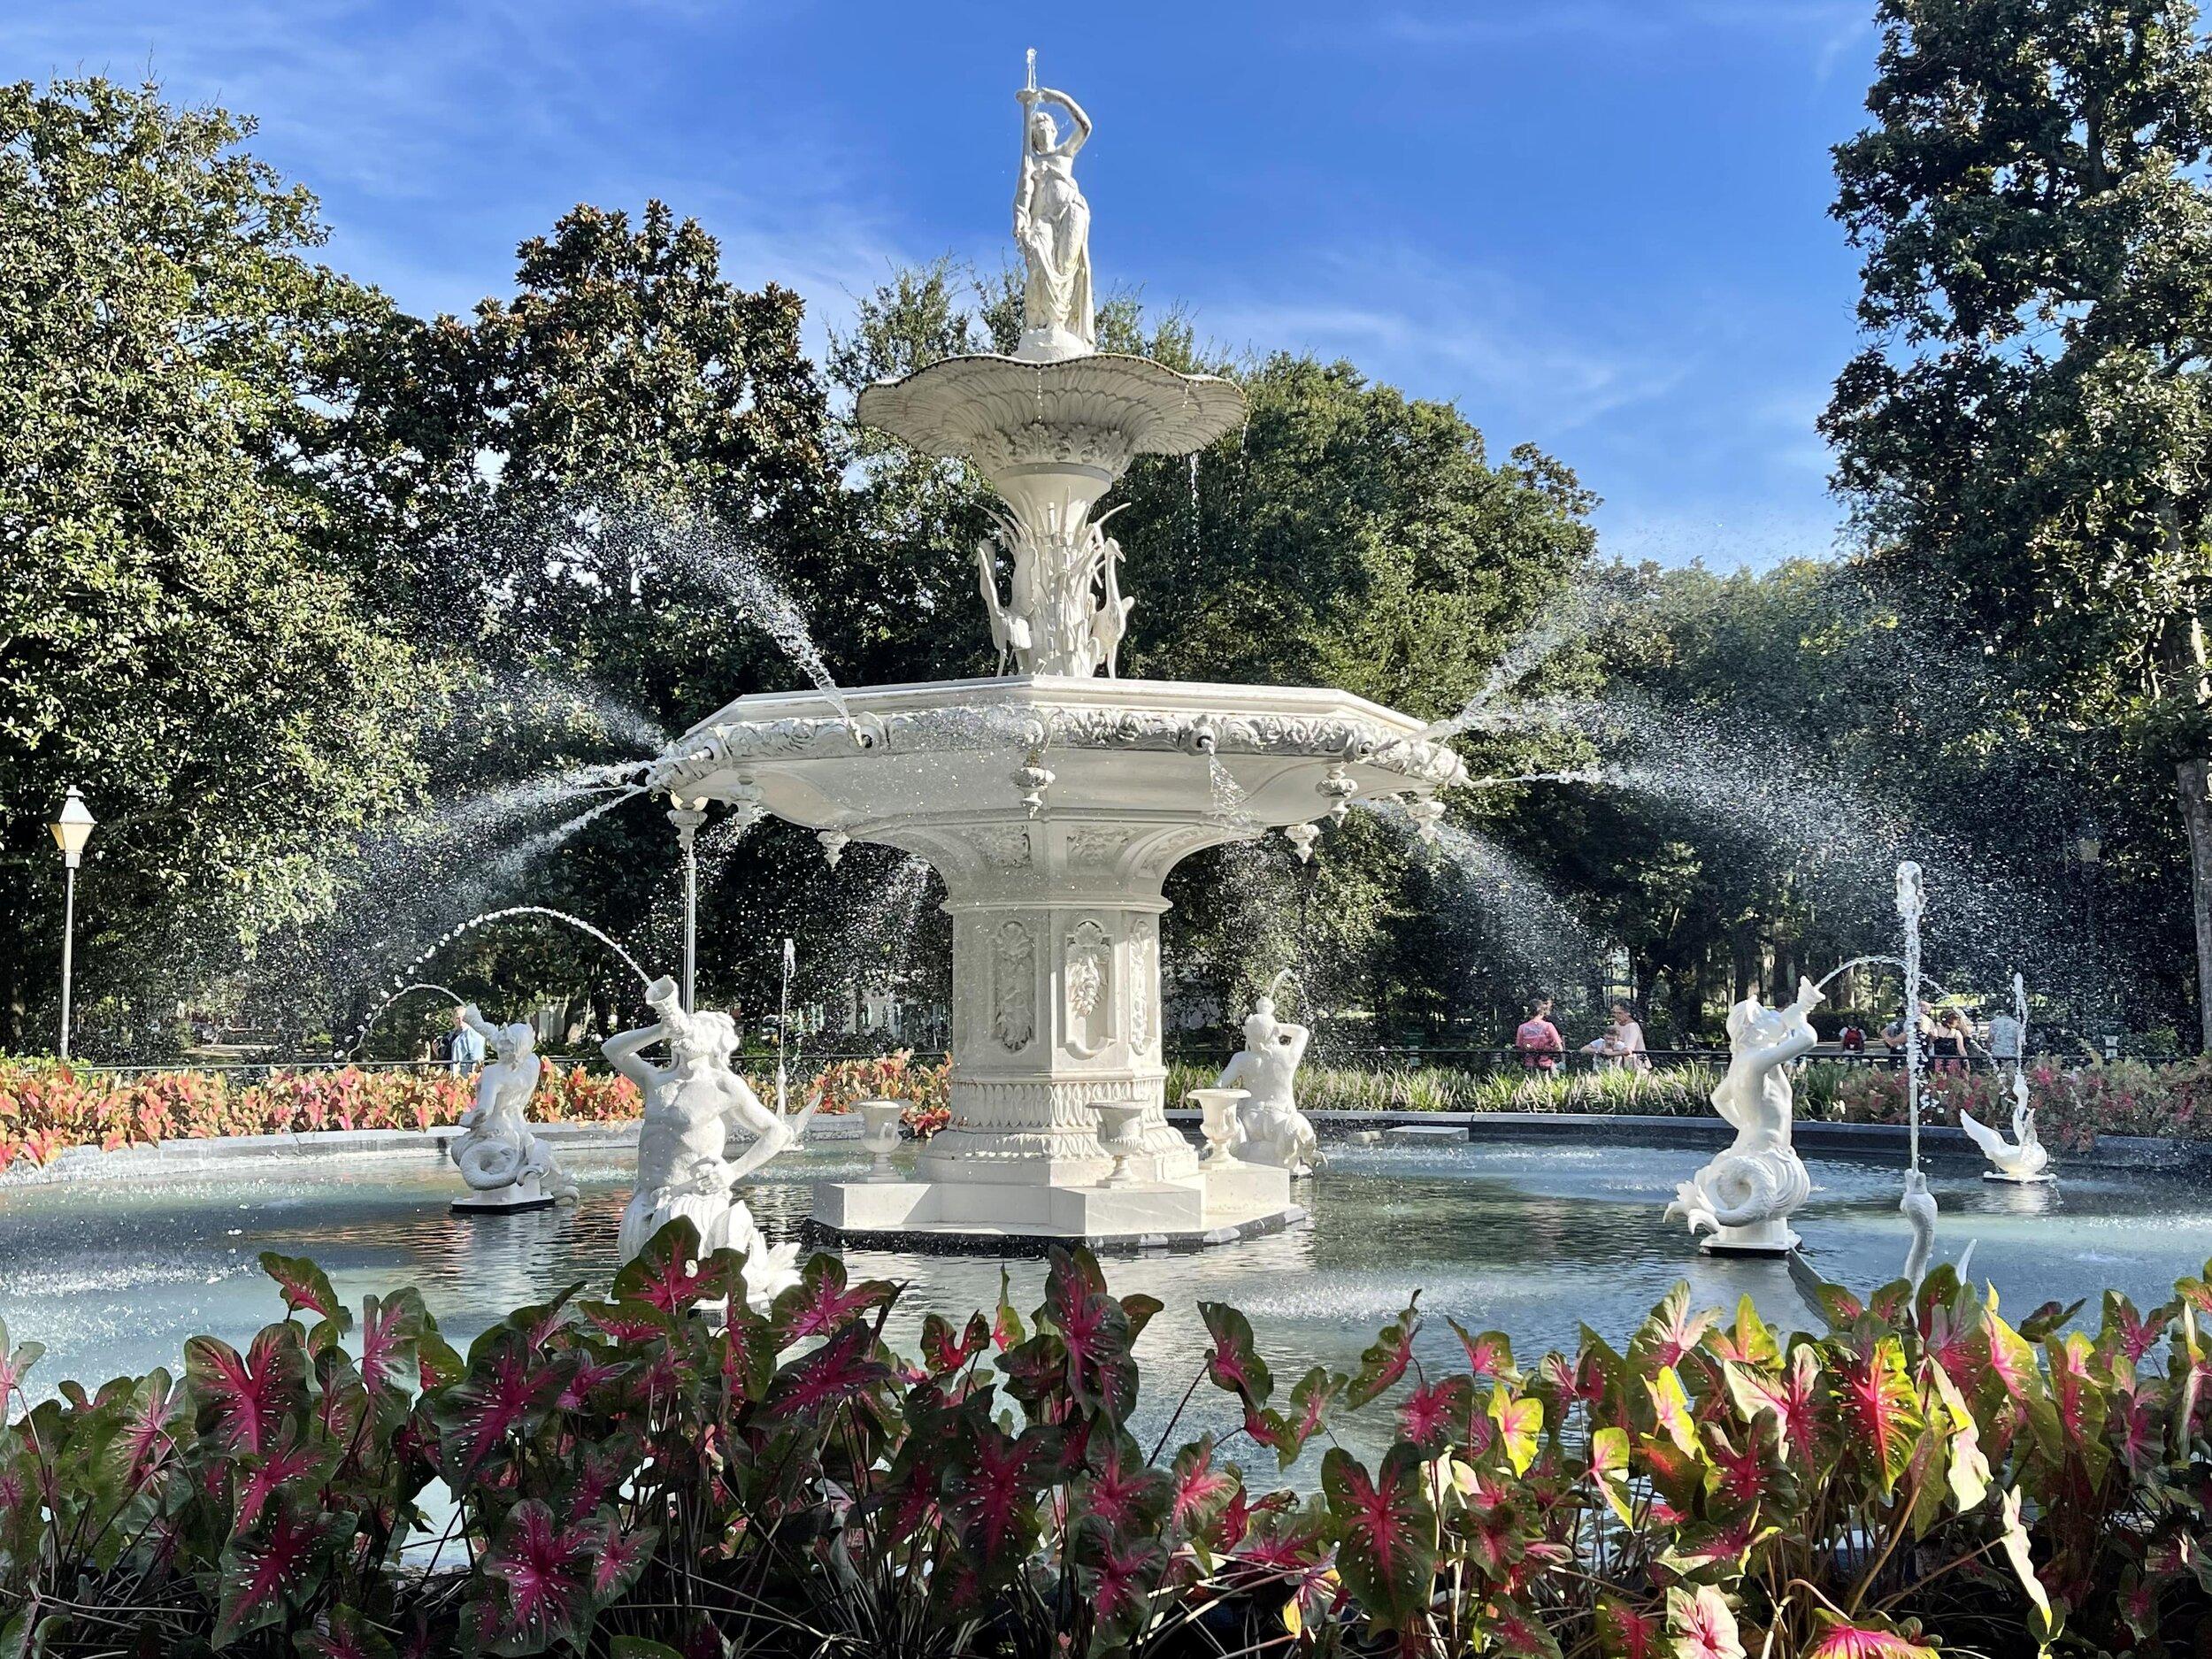 The fountain in Forsyth Park, Savannah, Georgia